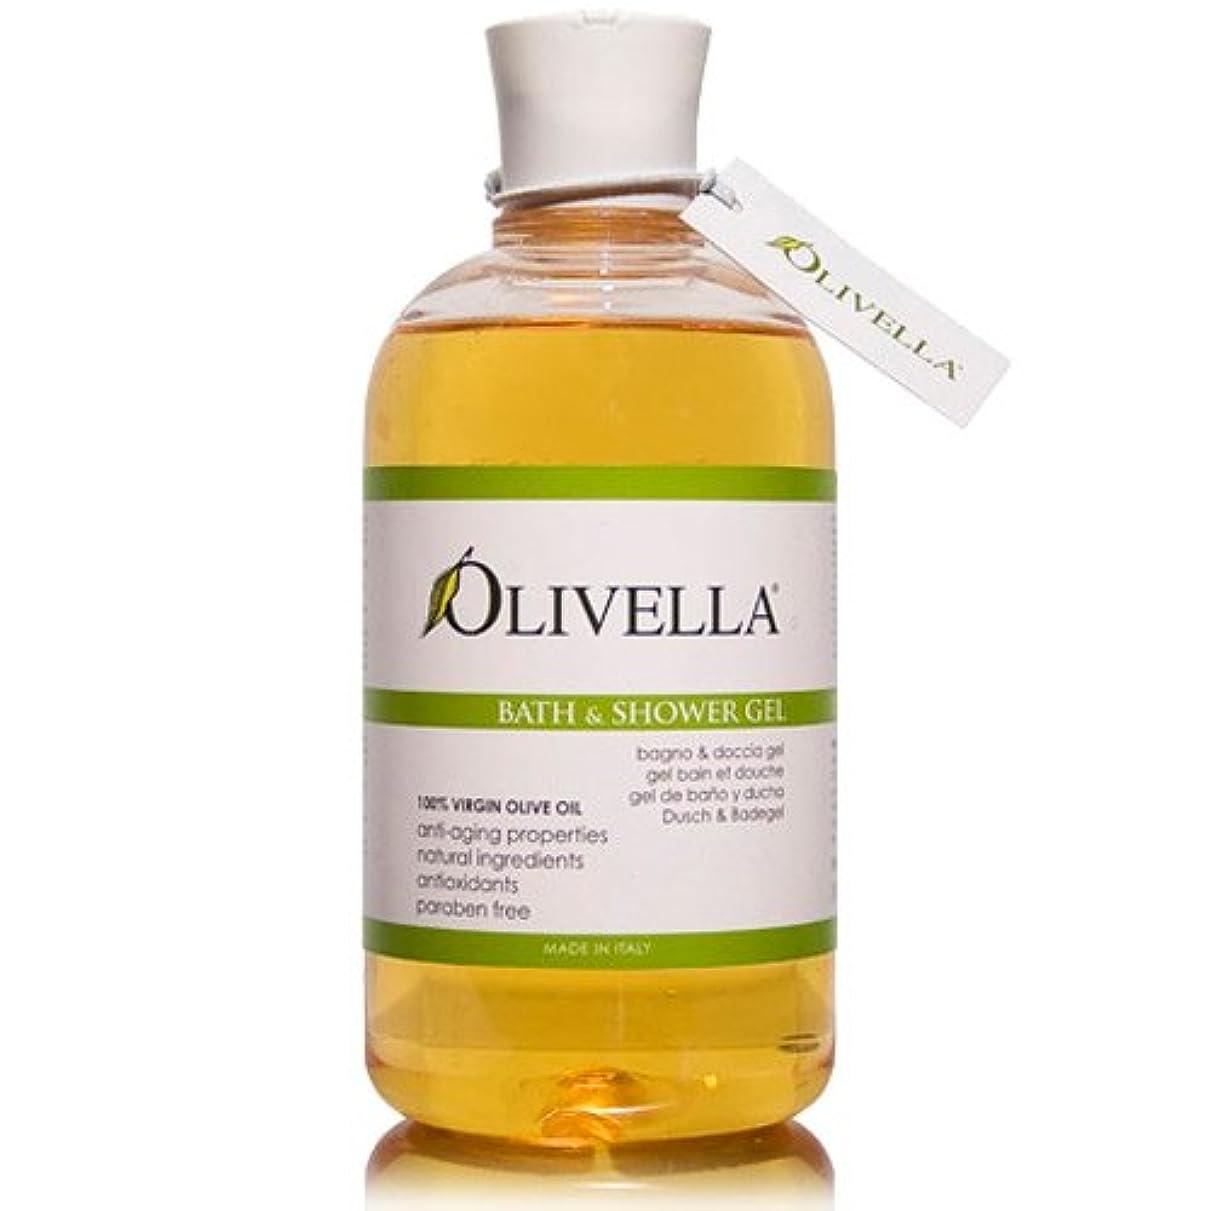 計画的パニック誕生Olivella Olive Oil Bath & Shower Gel Original/Classic 16.9 oz. / 500 ml (並行輸入品)